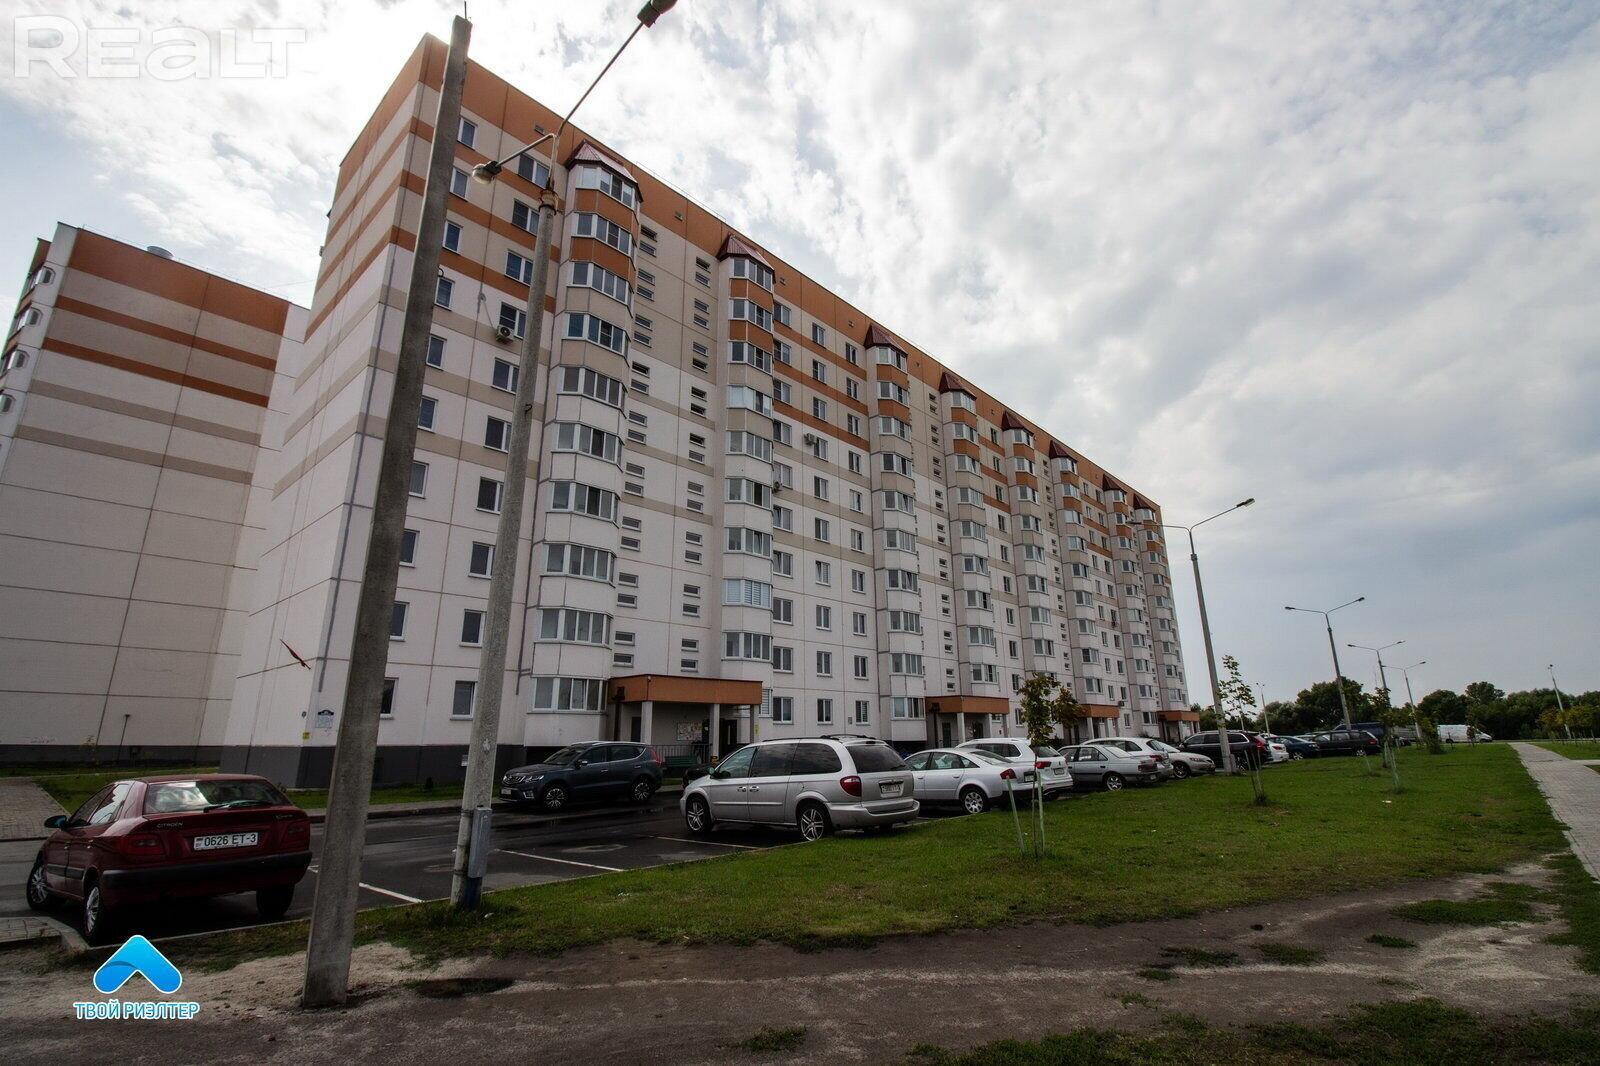 Продажа 2-х комнатной квартиры в г. Гомеле, ул. Денисенко, дом 82 (р-н Шведская горка). Цена 125 601 руб